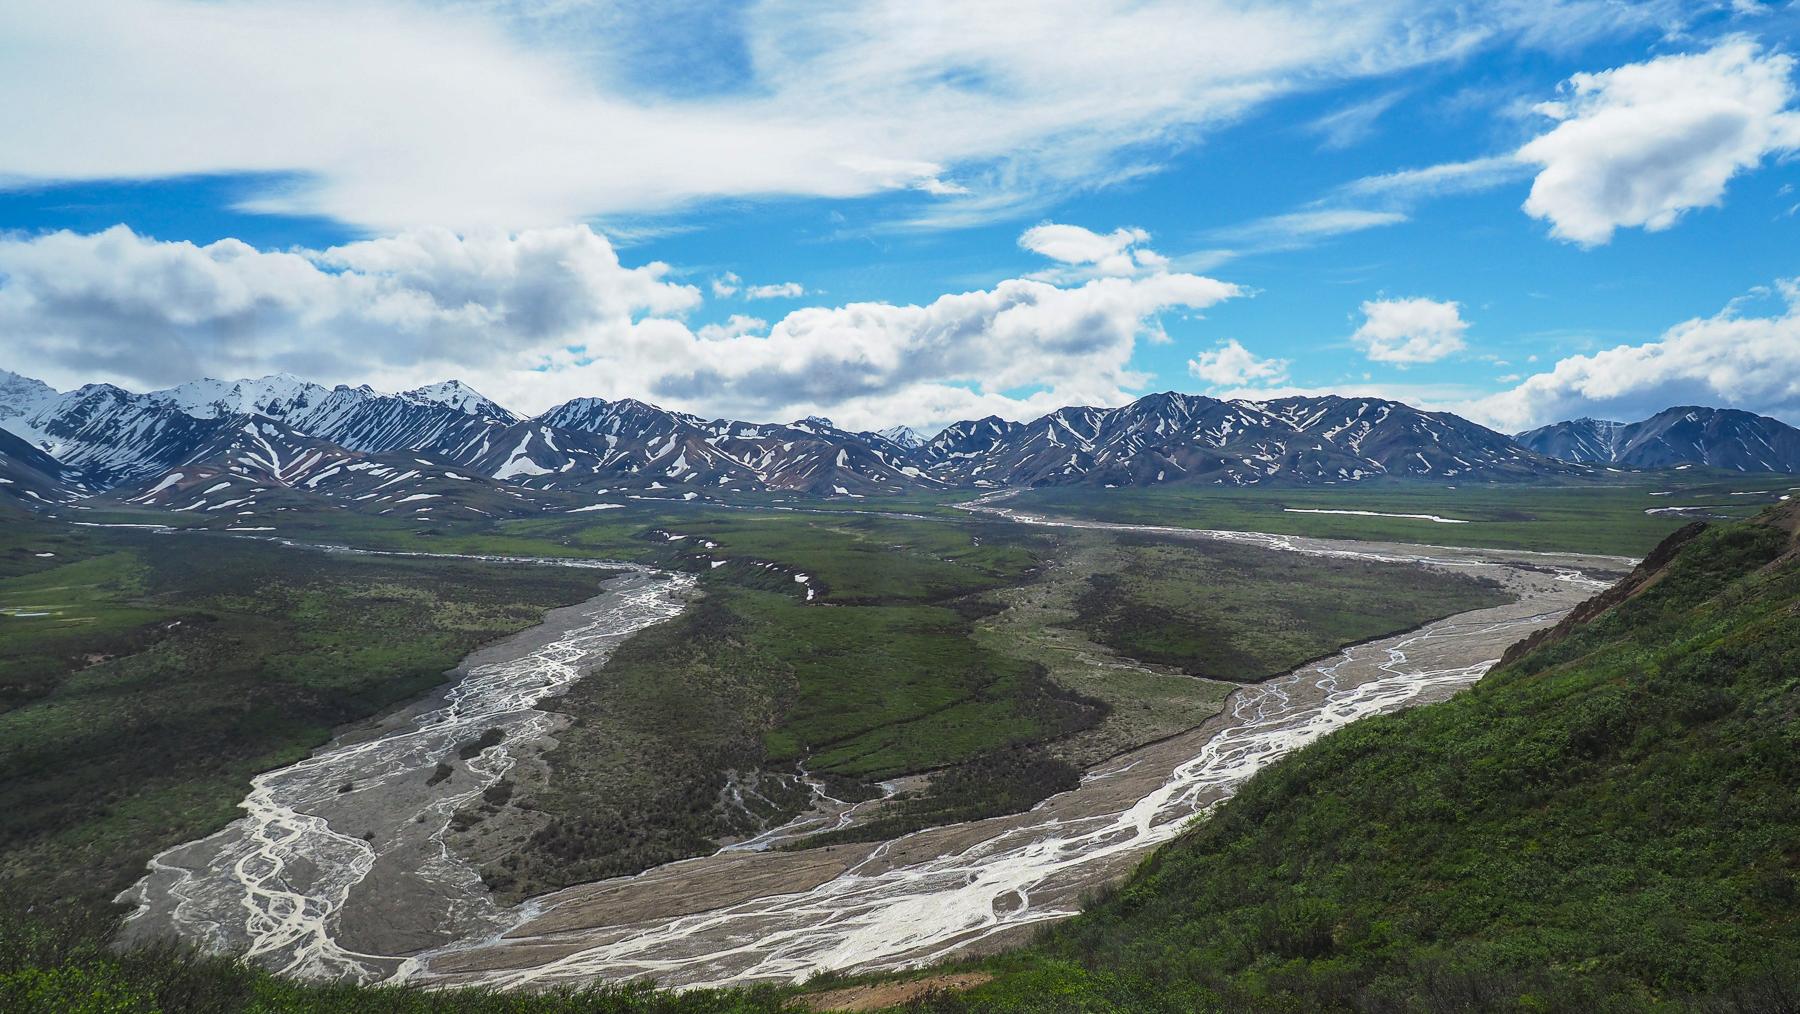 weite Gletschertäler prägen die Landschaft